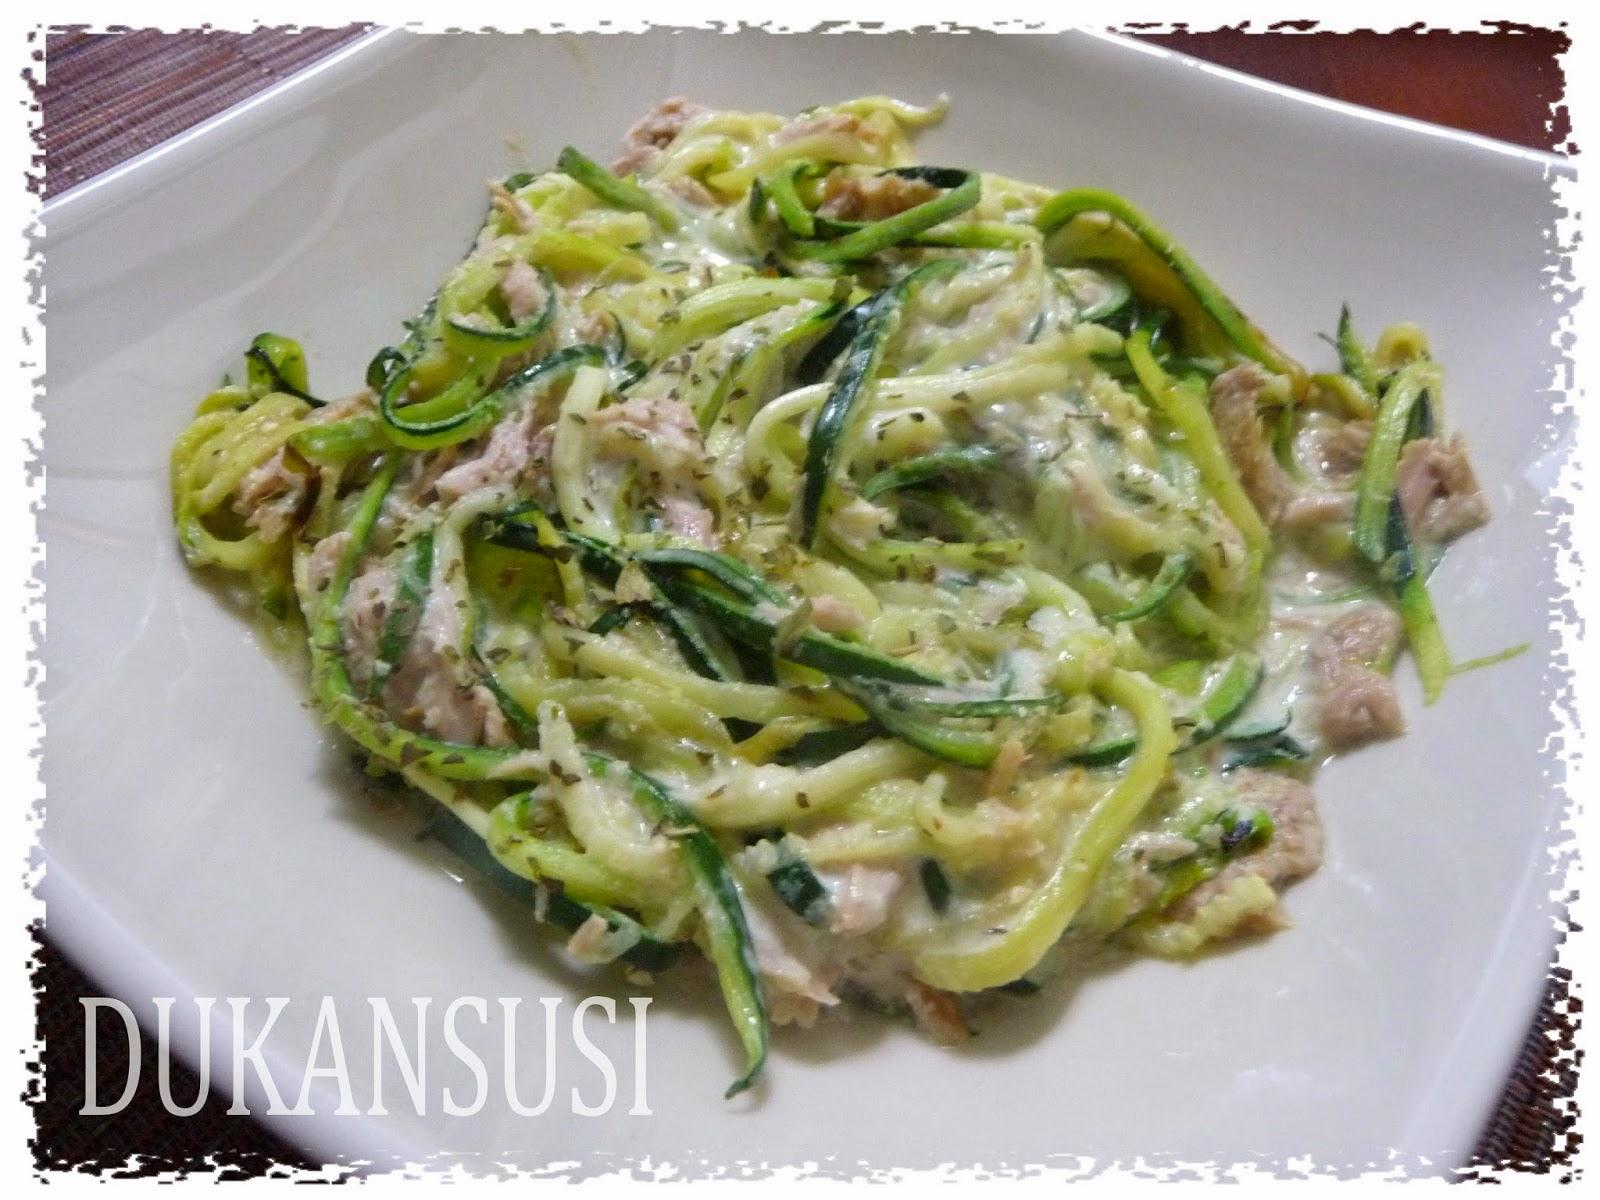 Recetas dukan dukansusi espagueti de calabac n con at n y nata ligera - Espagueti con gambas y nata ...